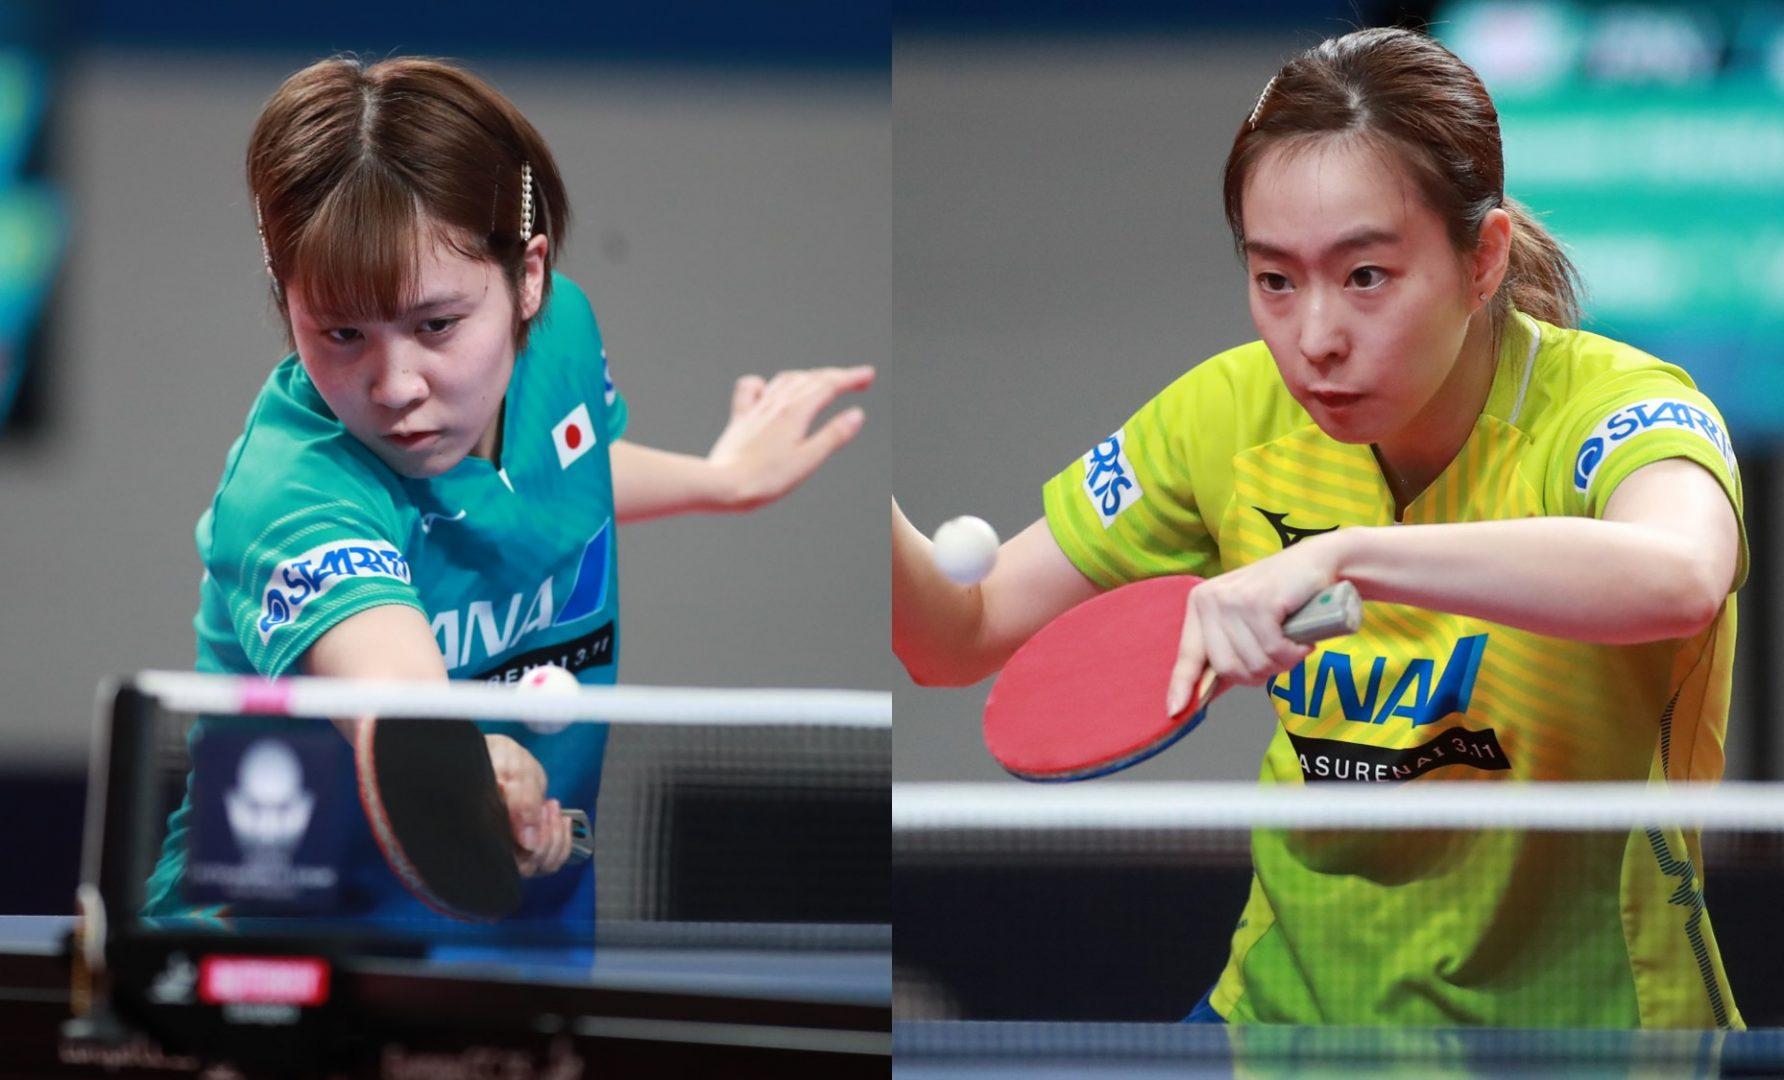 石川佳純、平野美宇が参戦 昨年越えでメダルなるか<卓球・2019女子ワールドカップ見どころ>